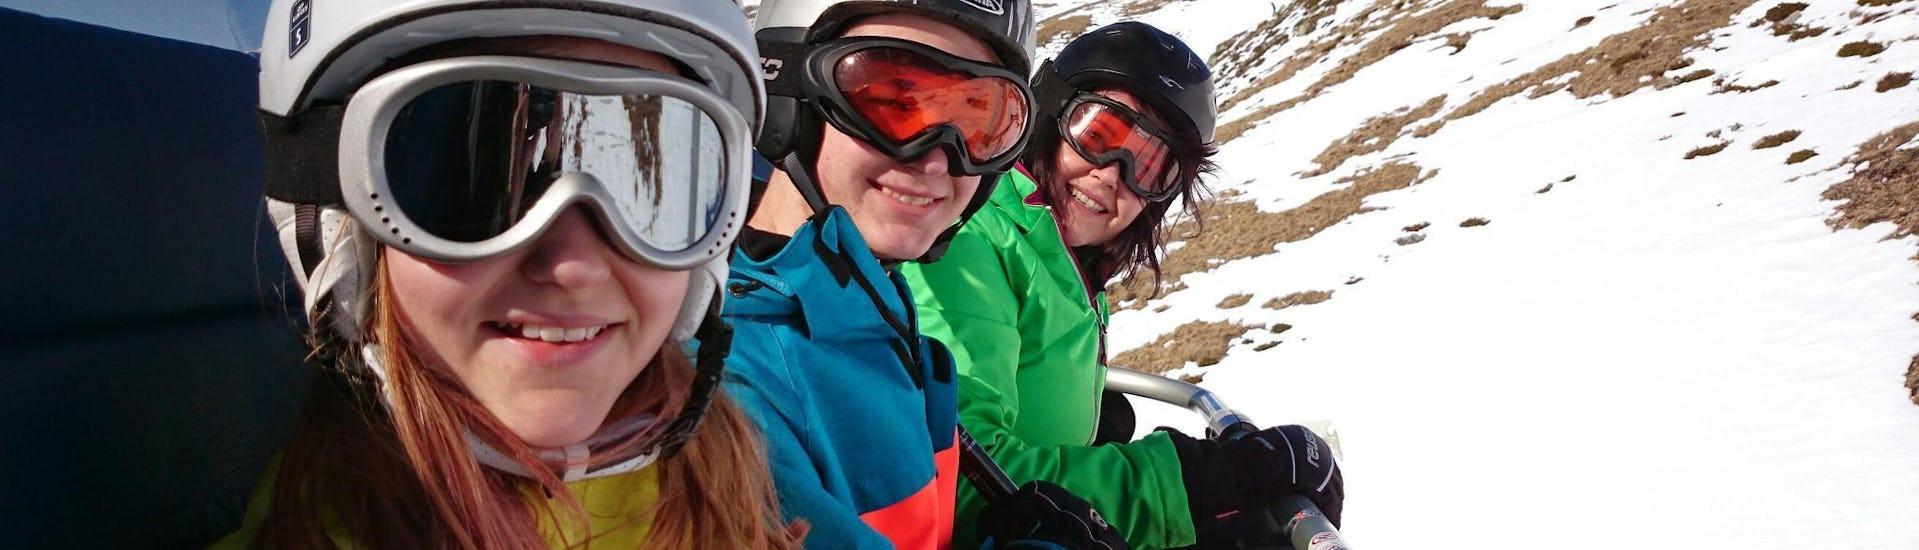 Un groupe de skieurs sourient à l'appareil photo tandis qu'ils empruntent les remontées mécaniques pour rejoindre leurCours de ski pour Adultes - Matin -Expérimenté -Basse saison avec l'école de ski ESI Easy2Ride Morzine.